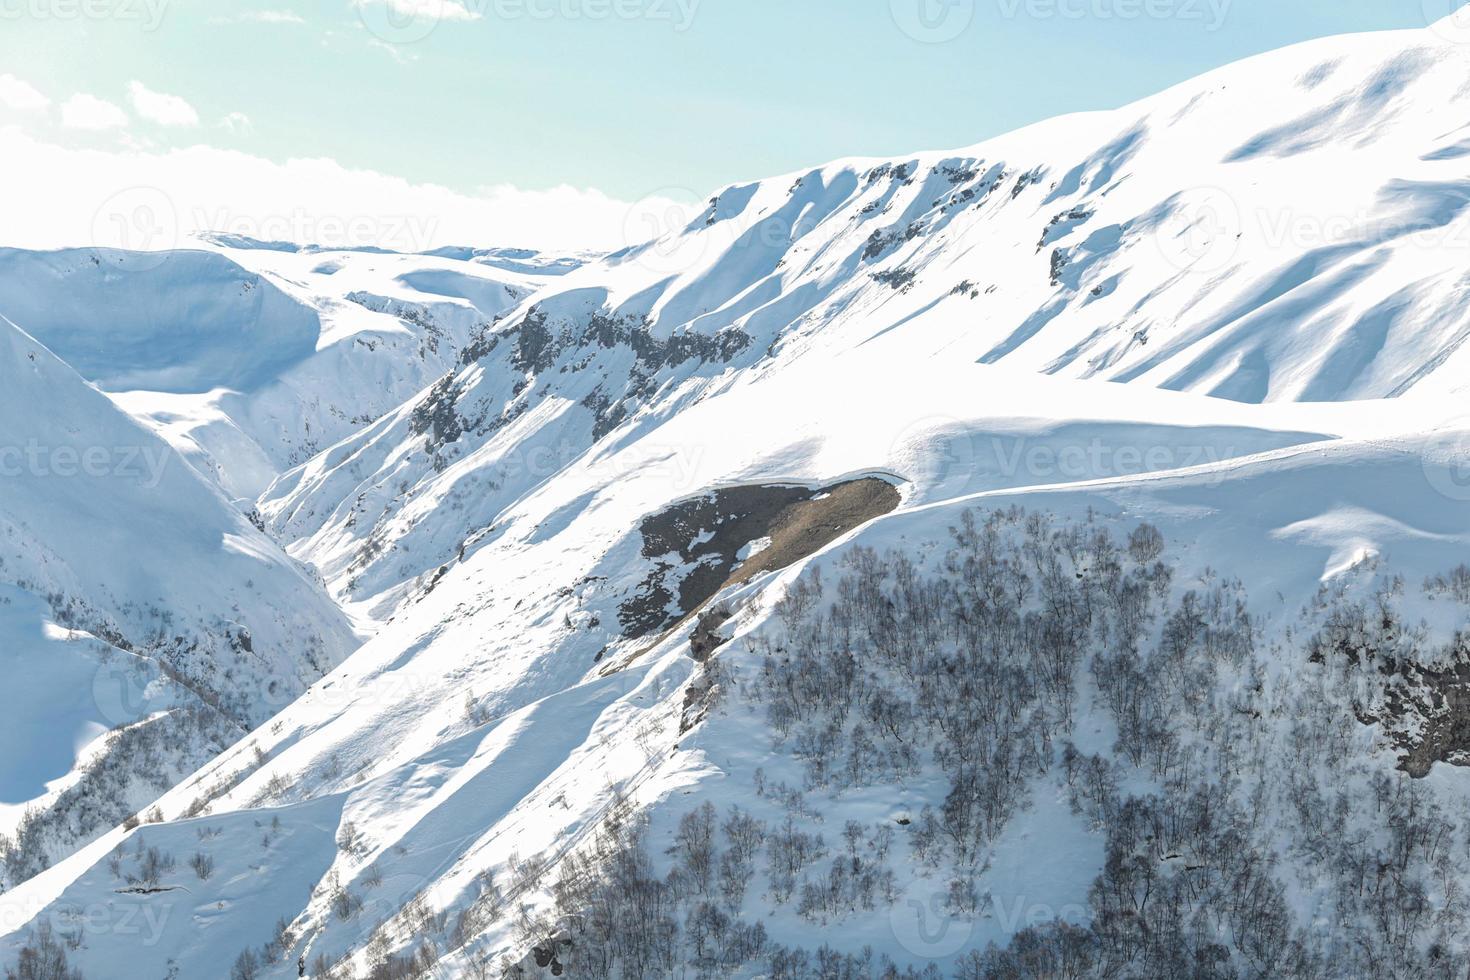 montañas con caminos de esquí de nieve y árboles. foto